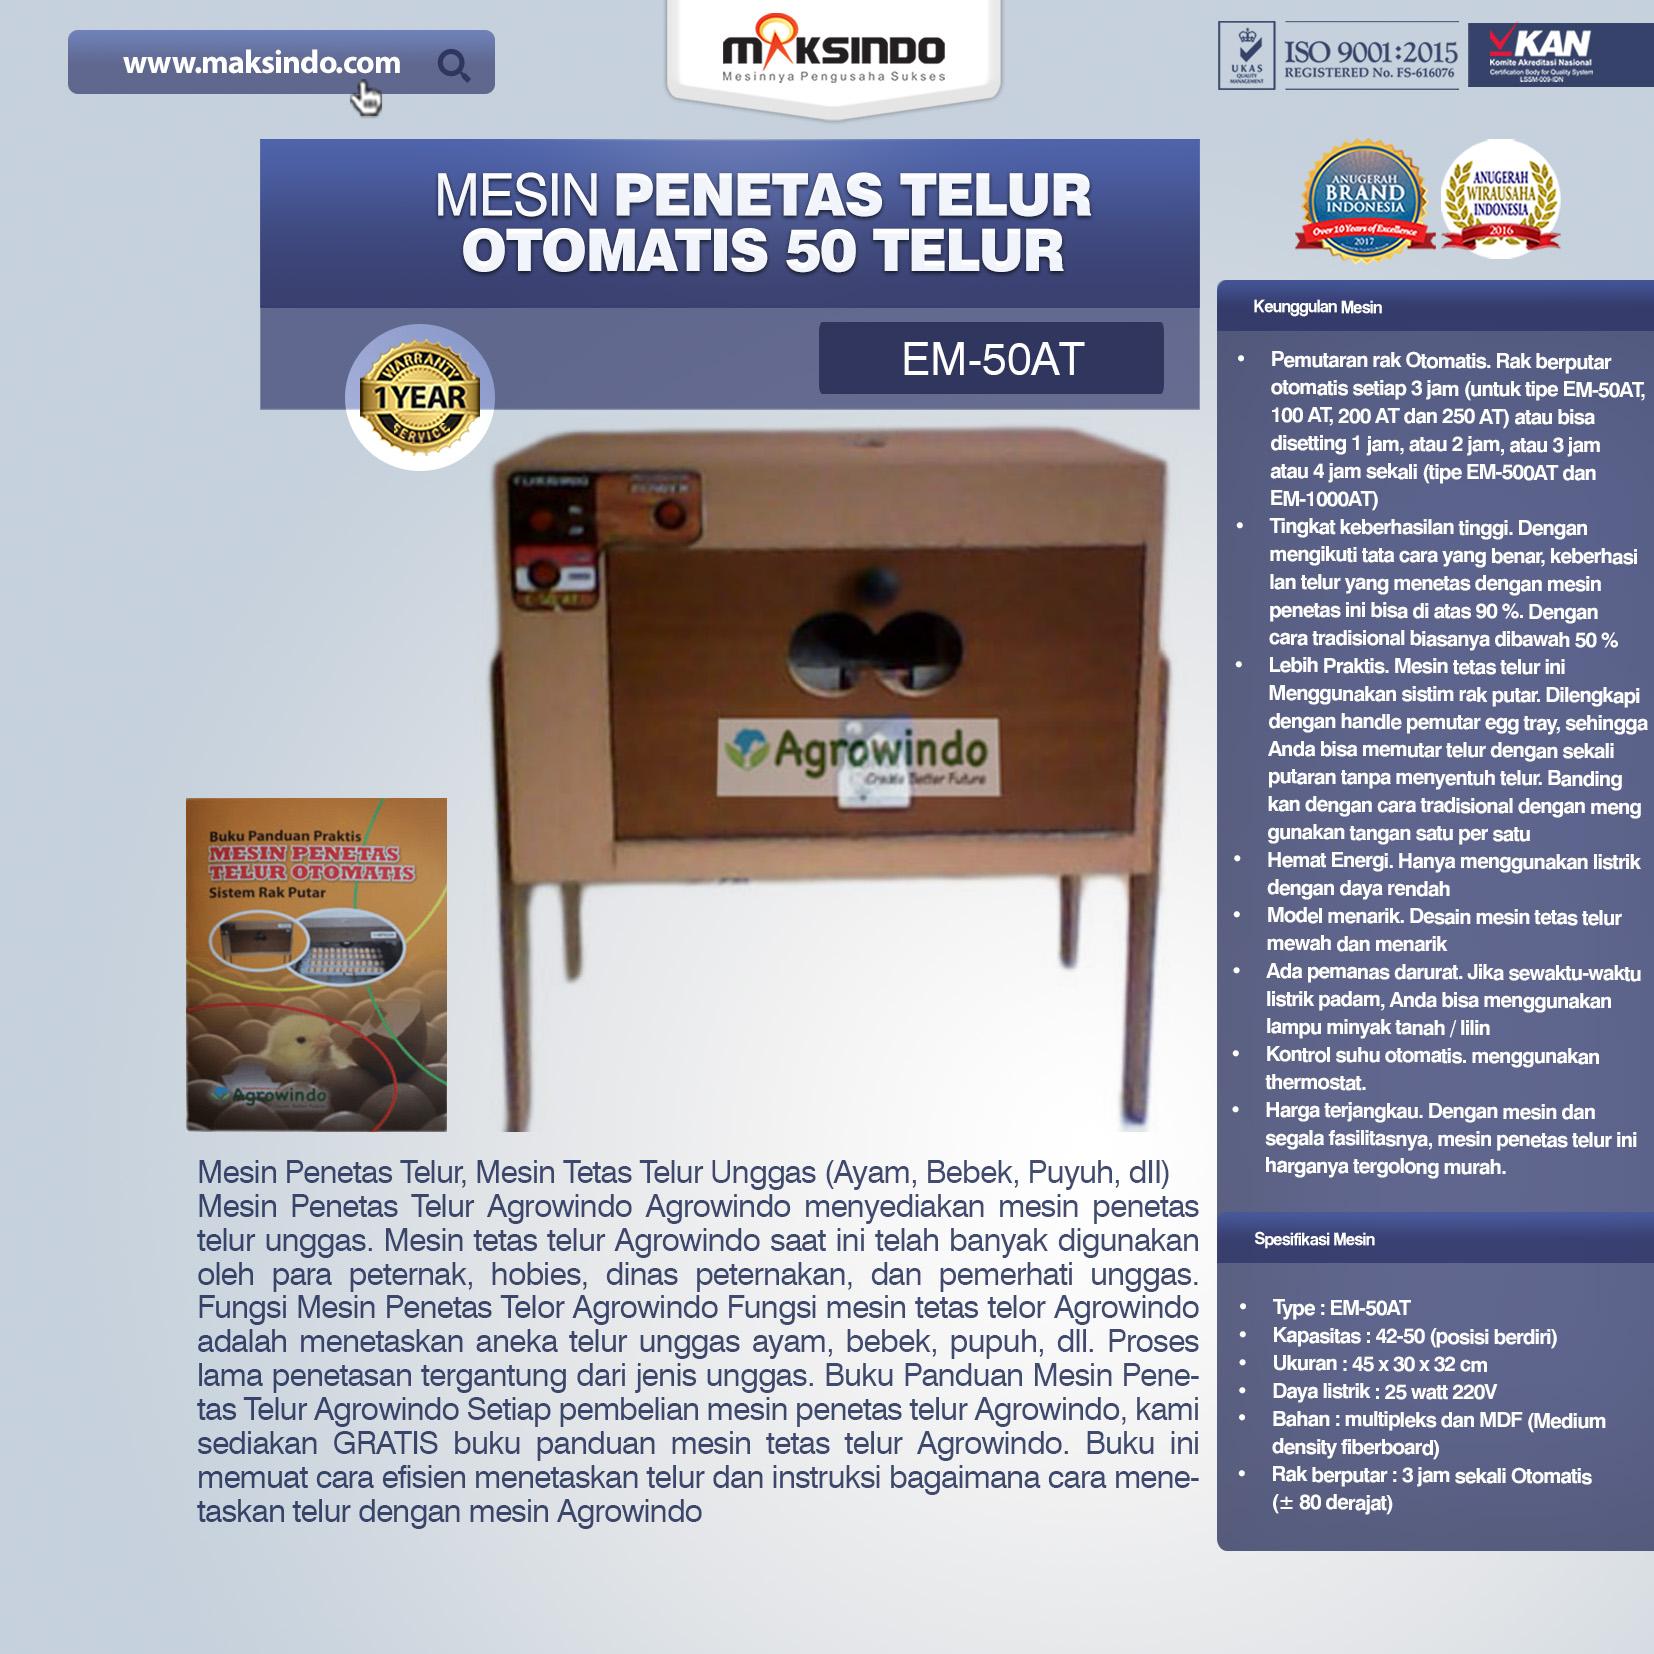 Jual Mesin Penetas Telur Otomatis 50 Telur (EM-50AT) di Medan